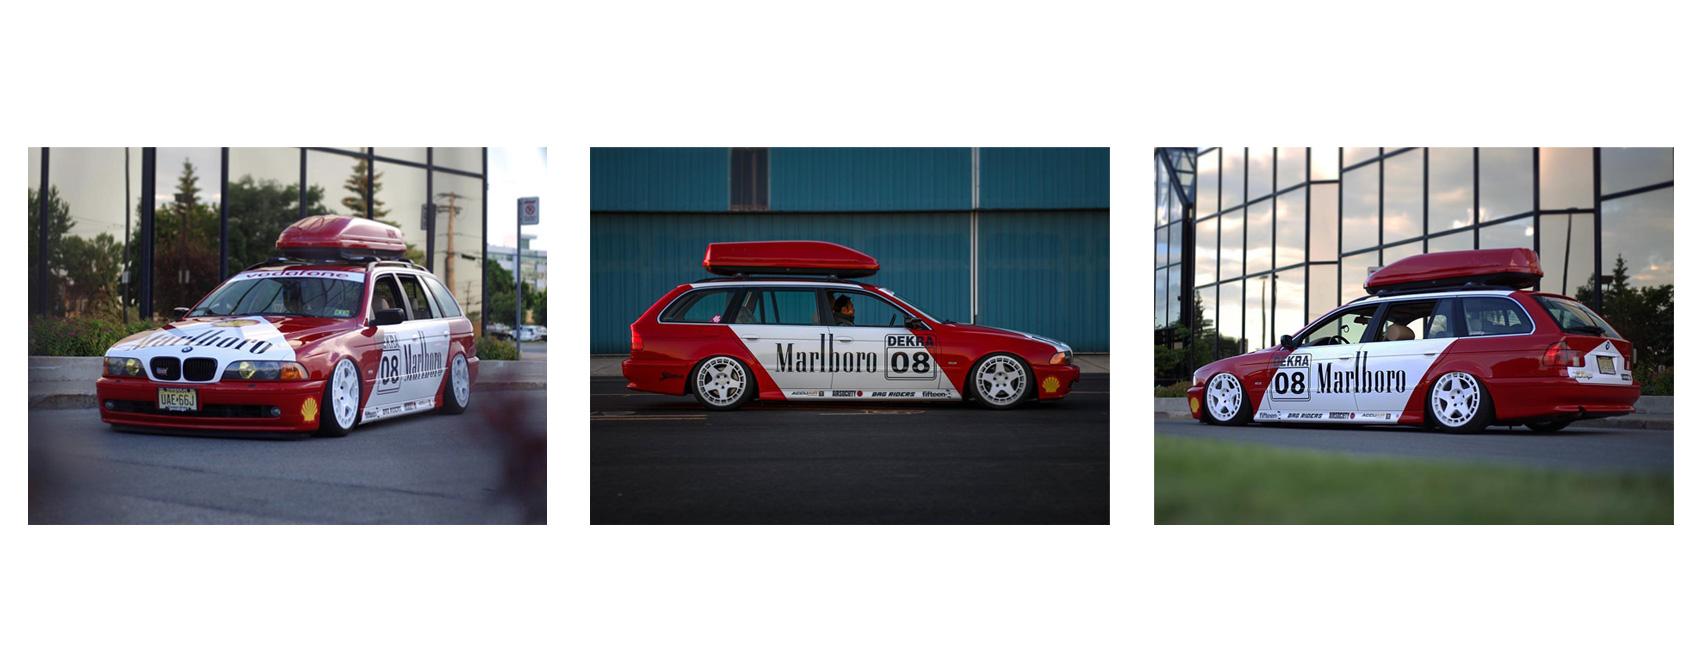 BMW-E38-ratRideаа-2